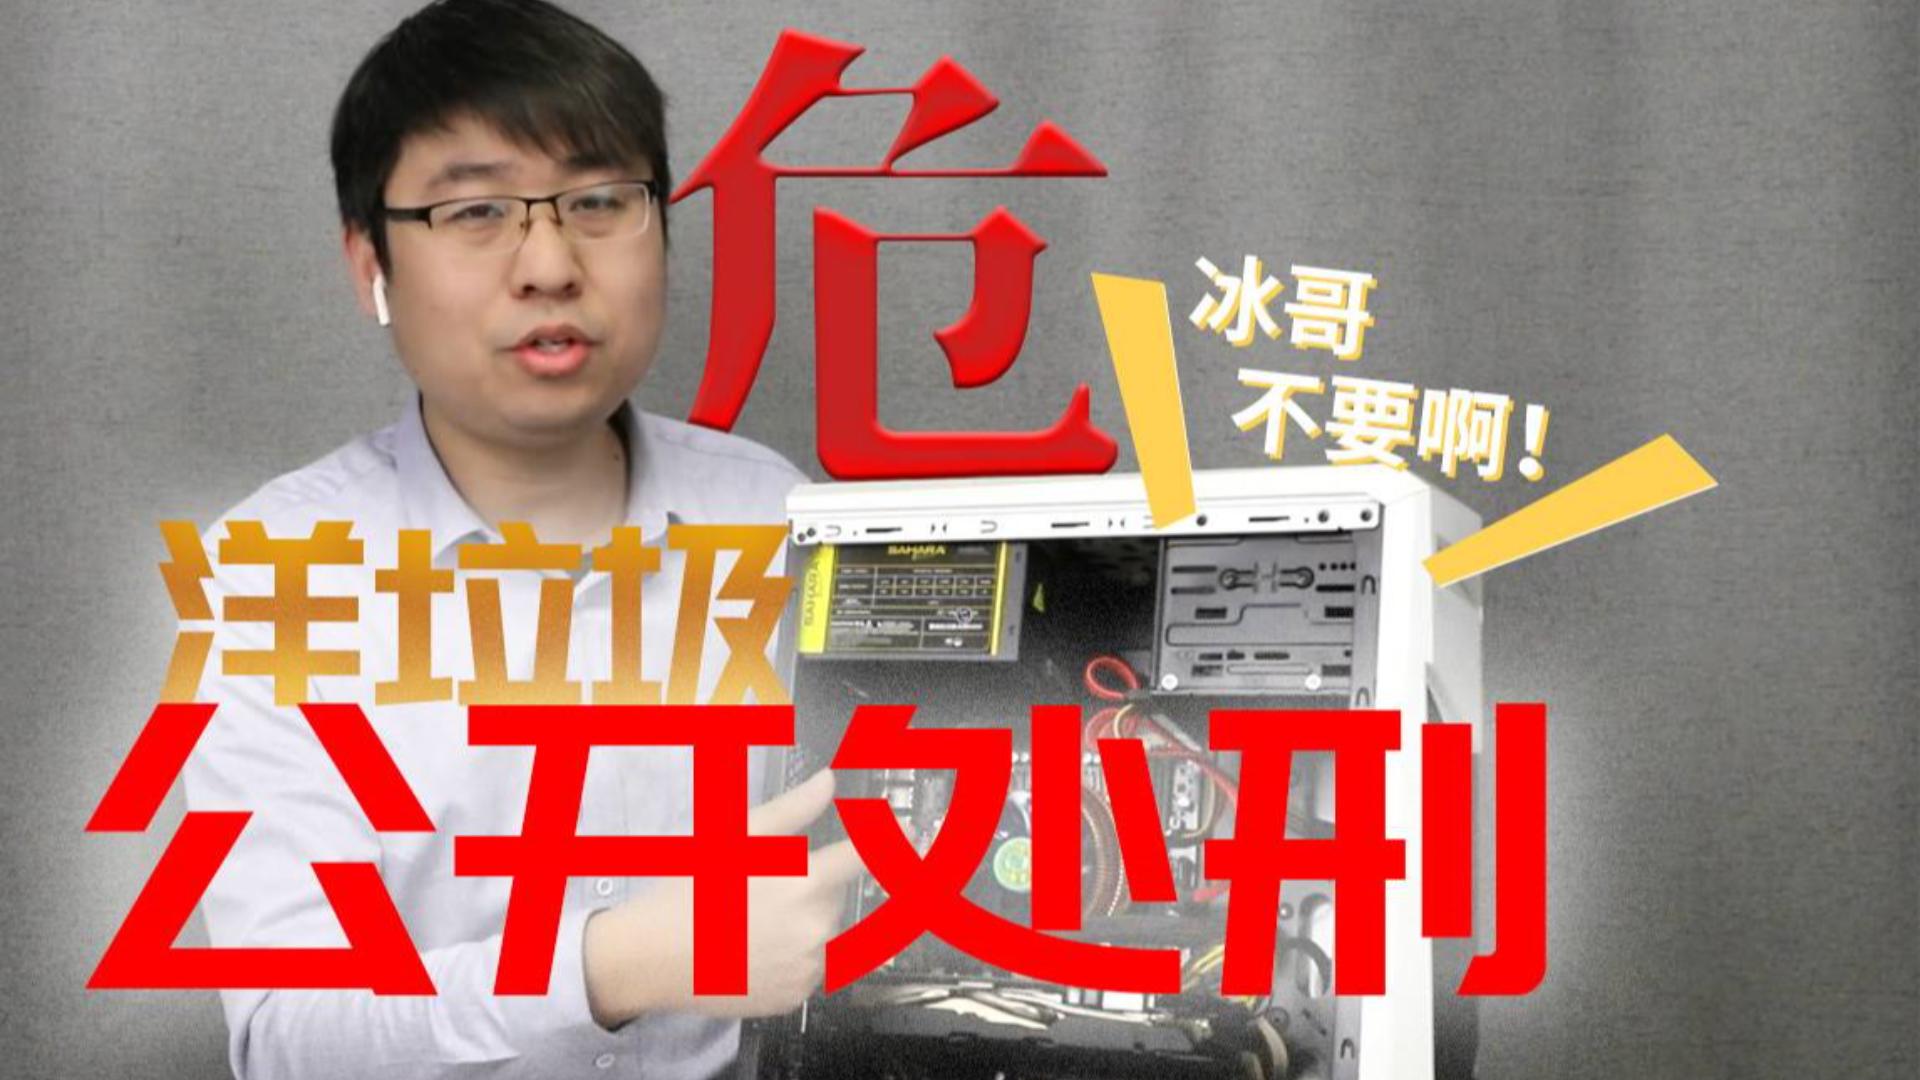 【黑冰科技】洋垃圾配置性能公开处刑!